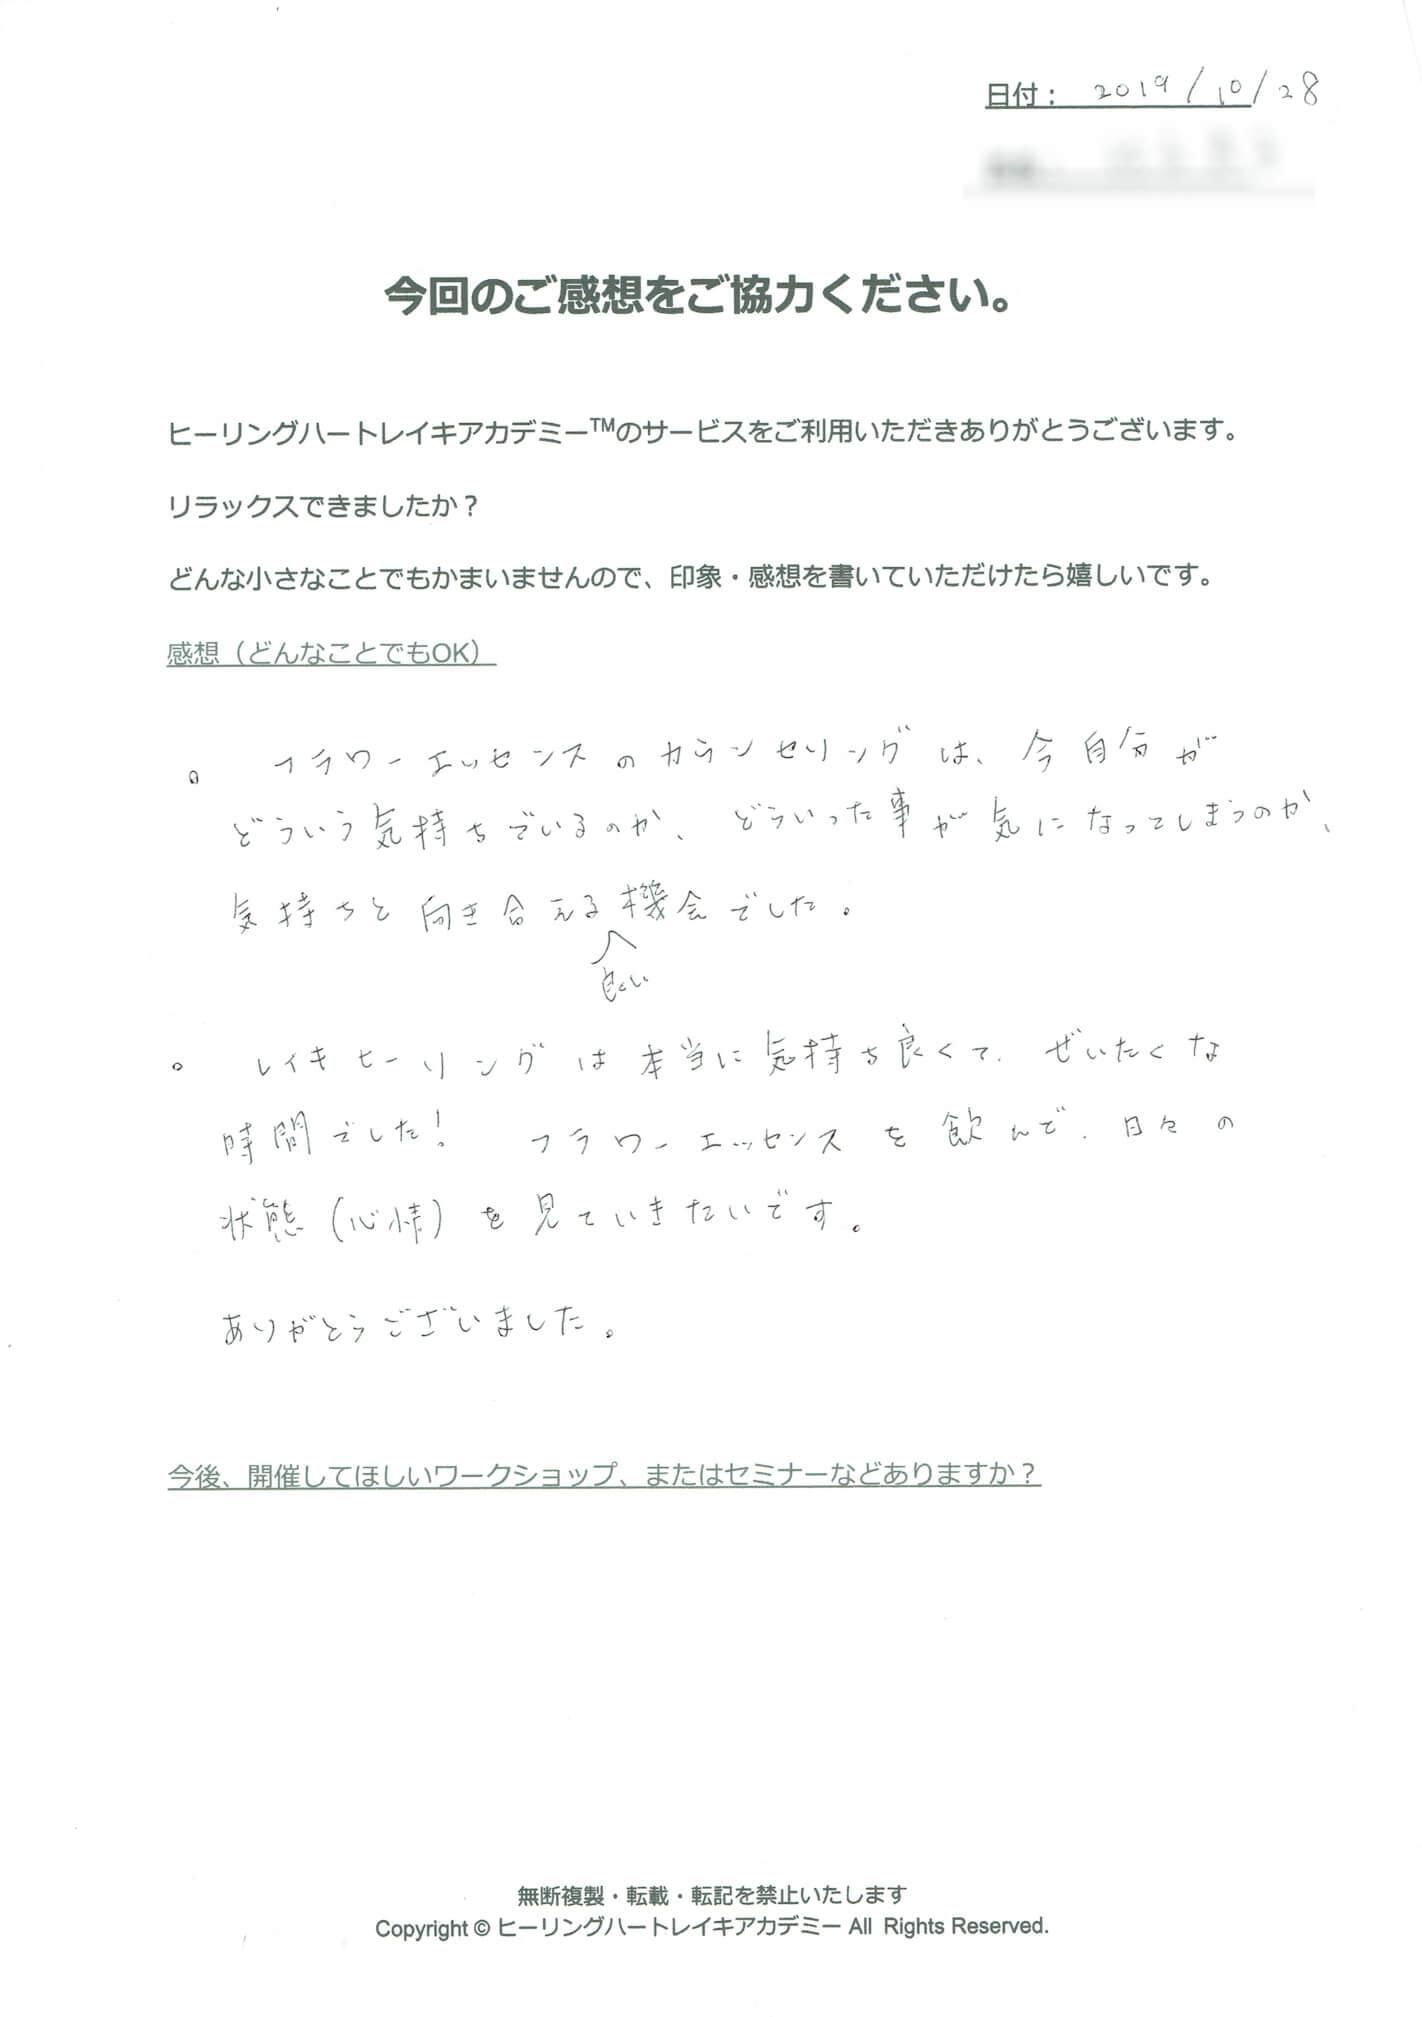 レイキヒーリング&フラワーエッセンスカウンセリングLight版のレビューRさん30代東京都